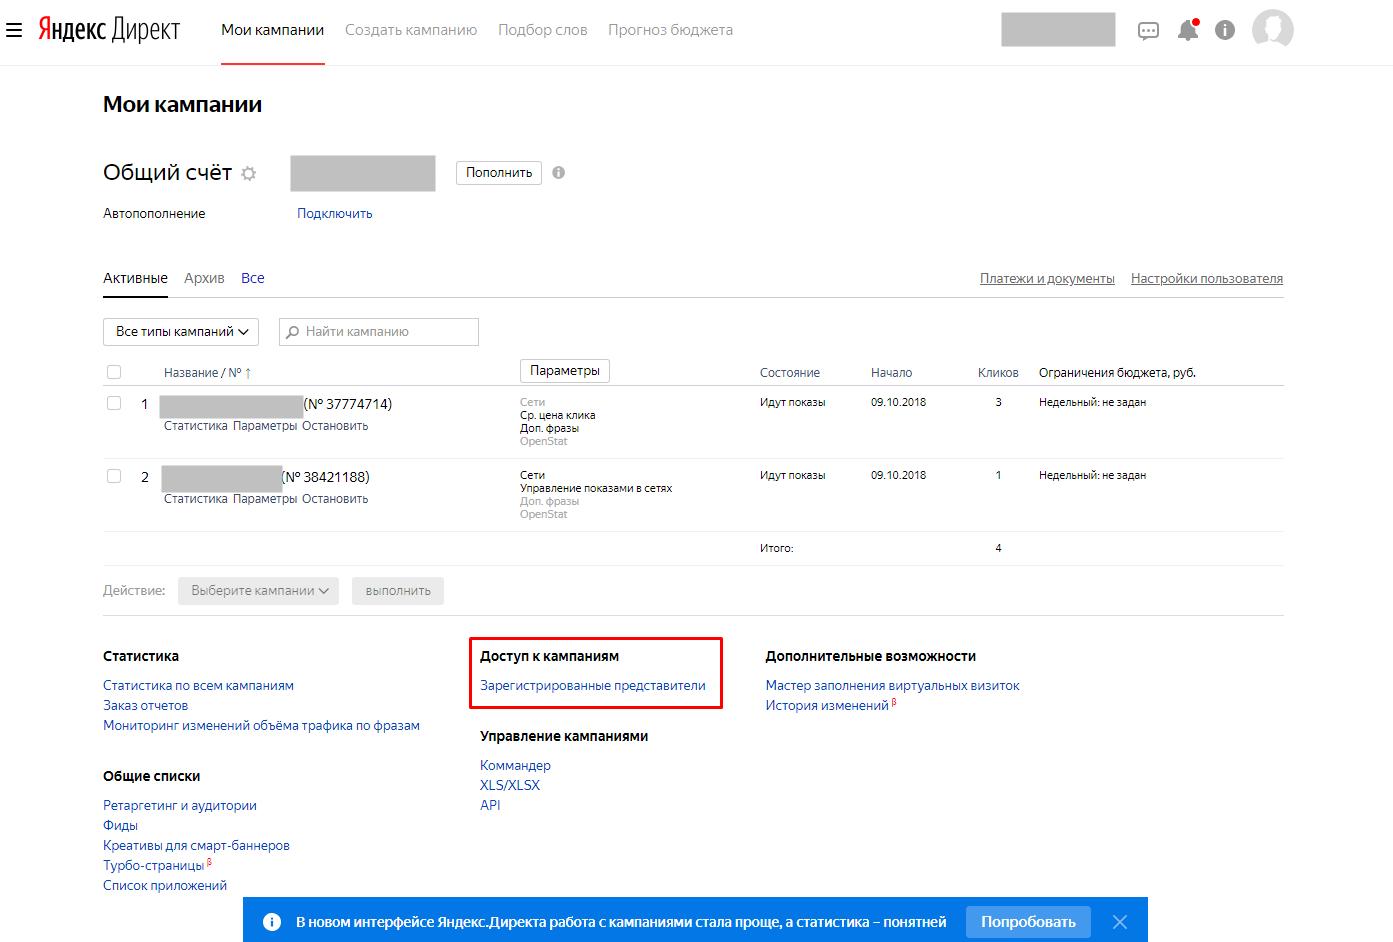 Как дать гостевой доступ в Яндекс Дирек